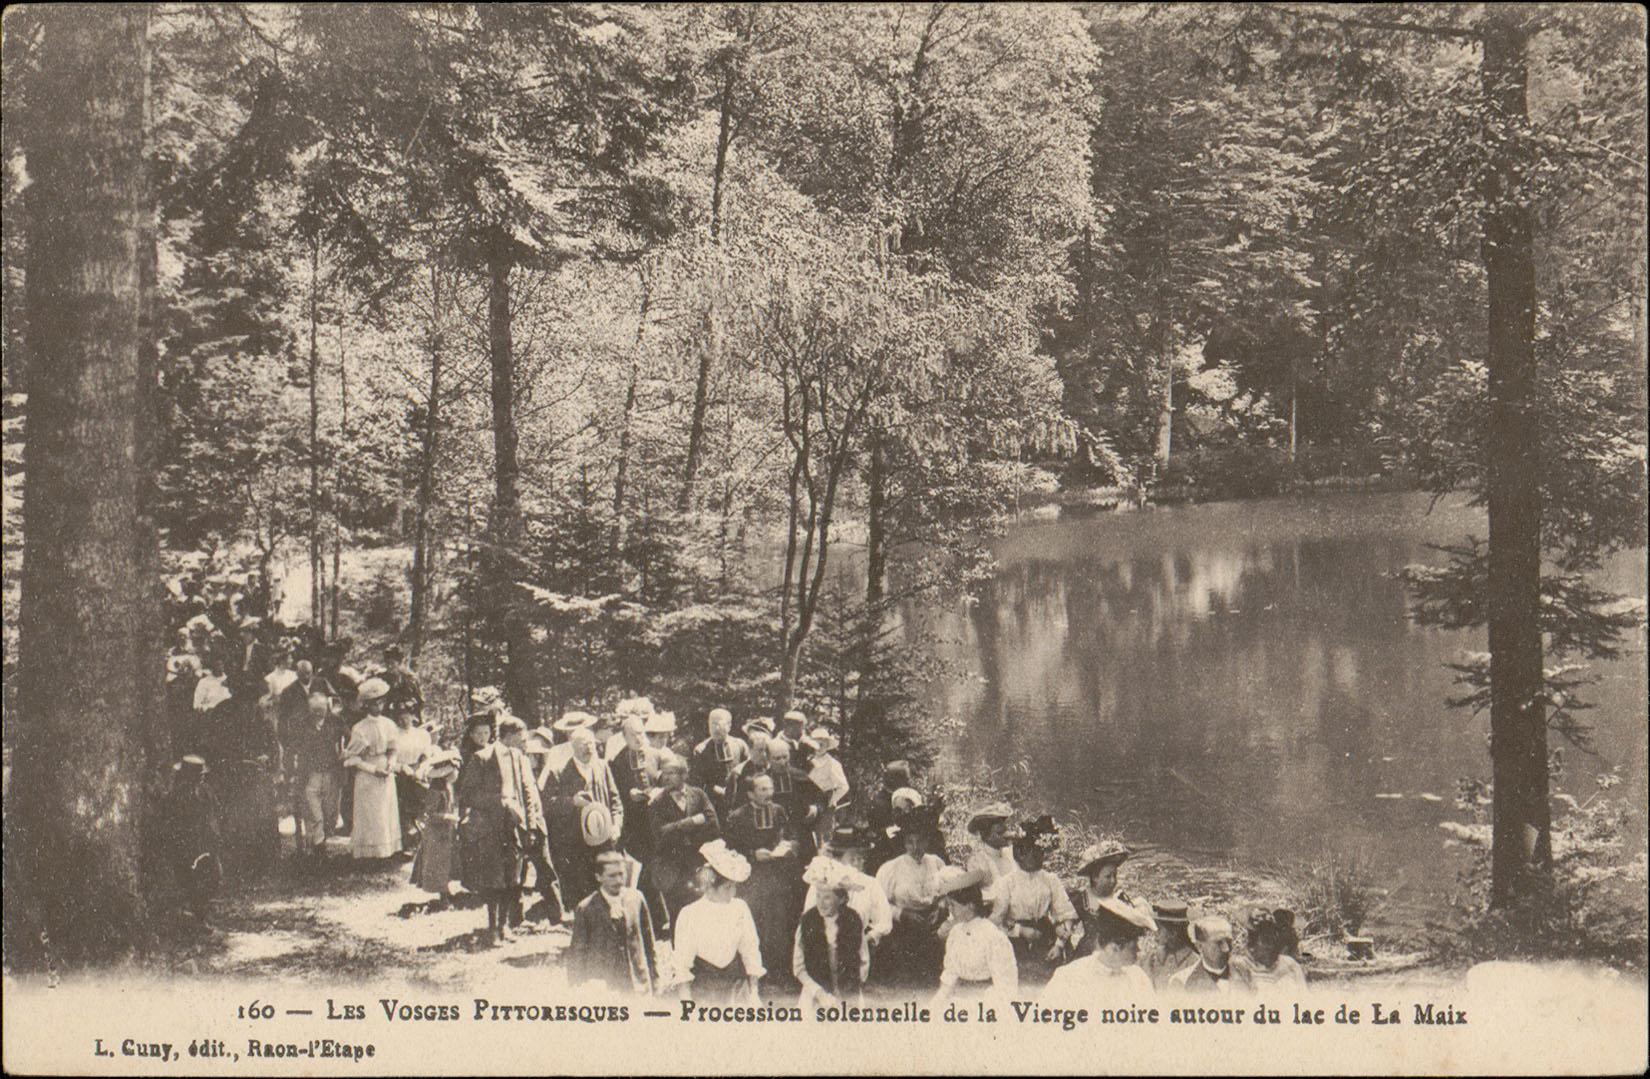 Contenu du Procession solennelle de la Vierge noire autour du lac de La Maix